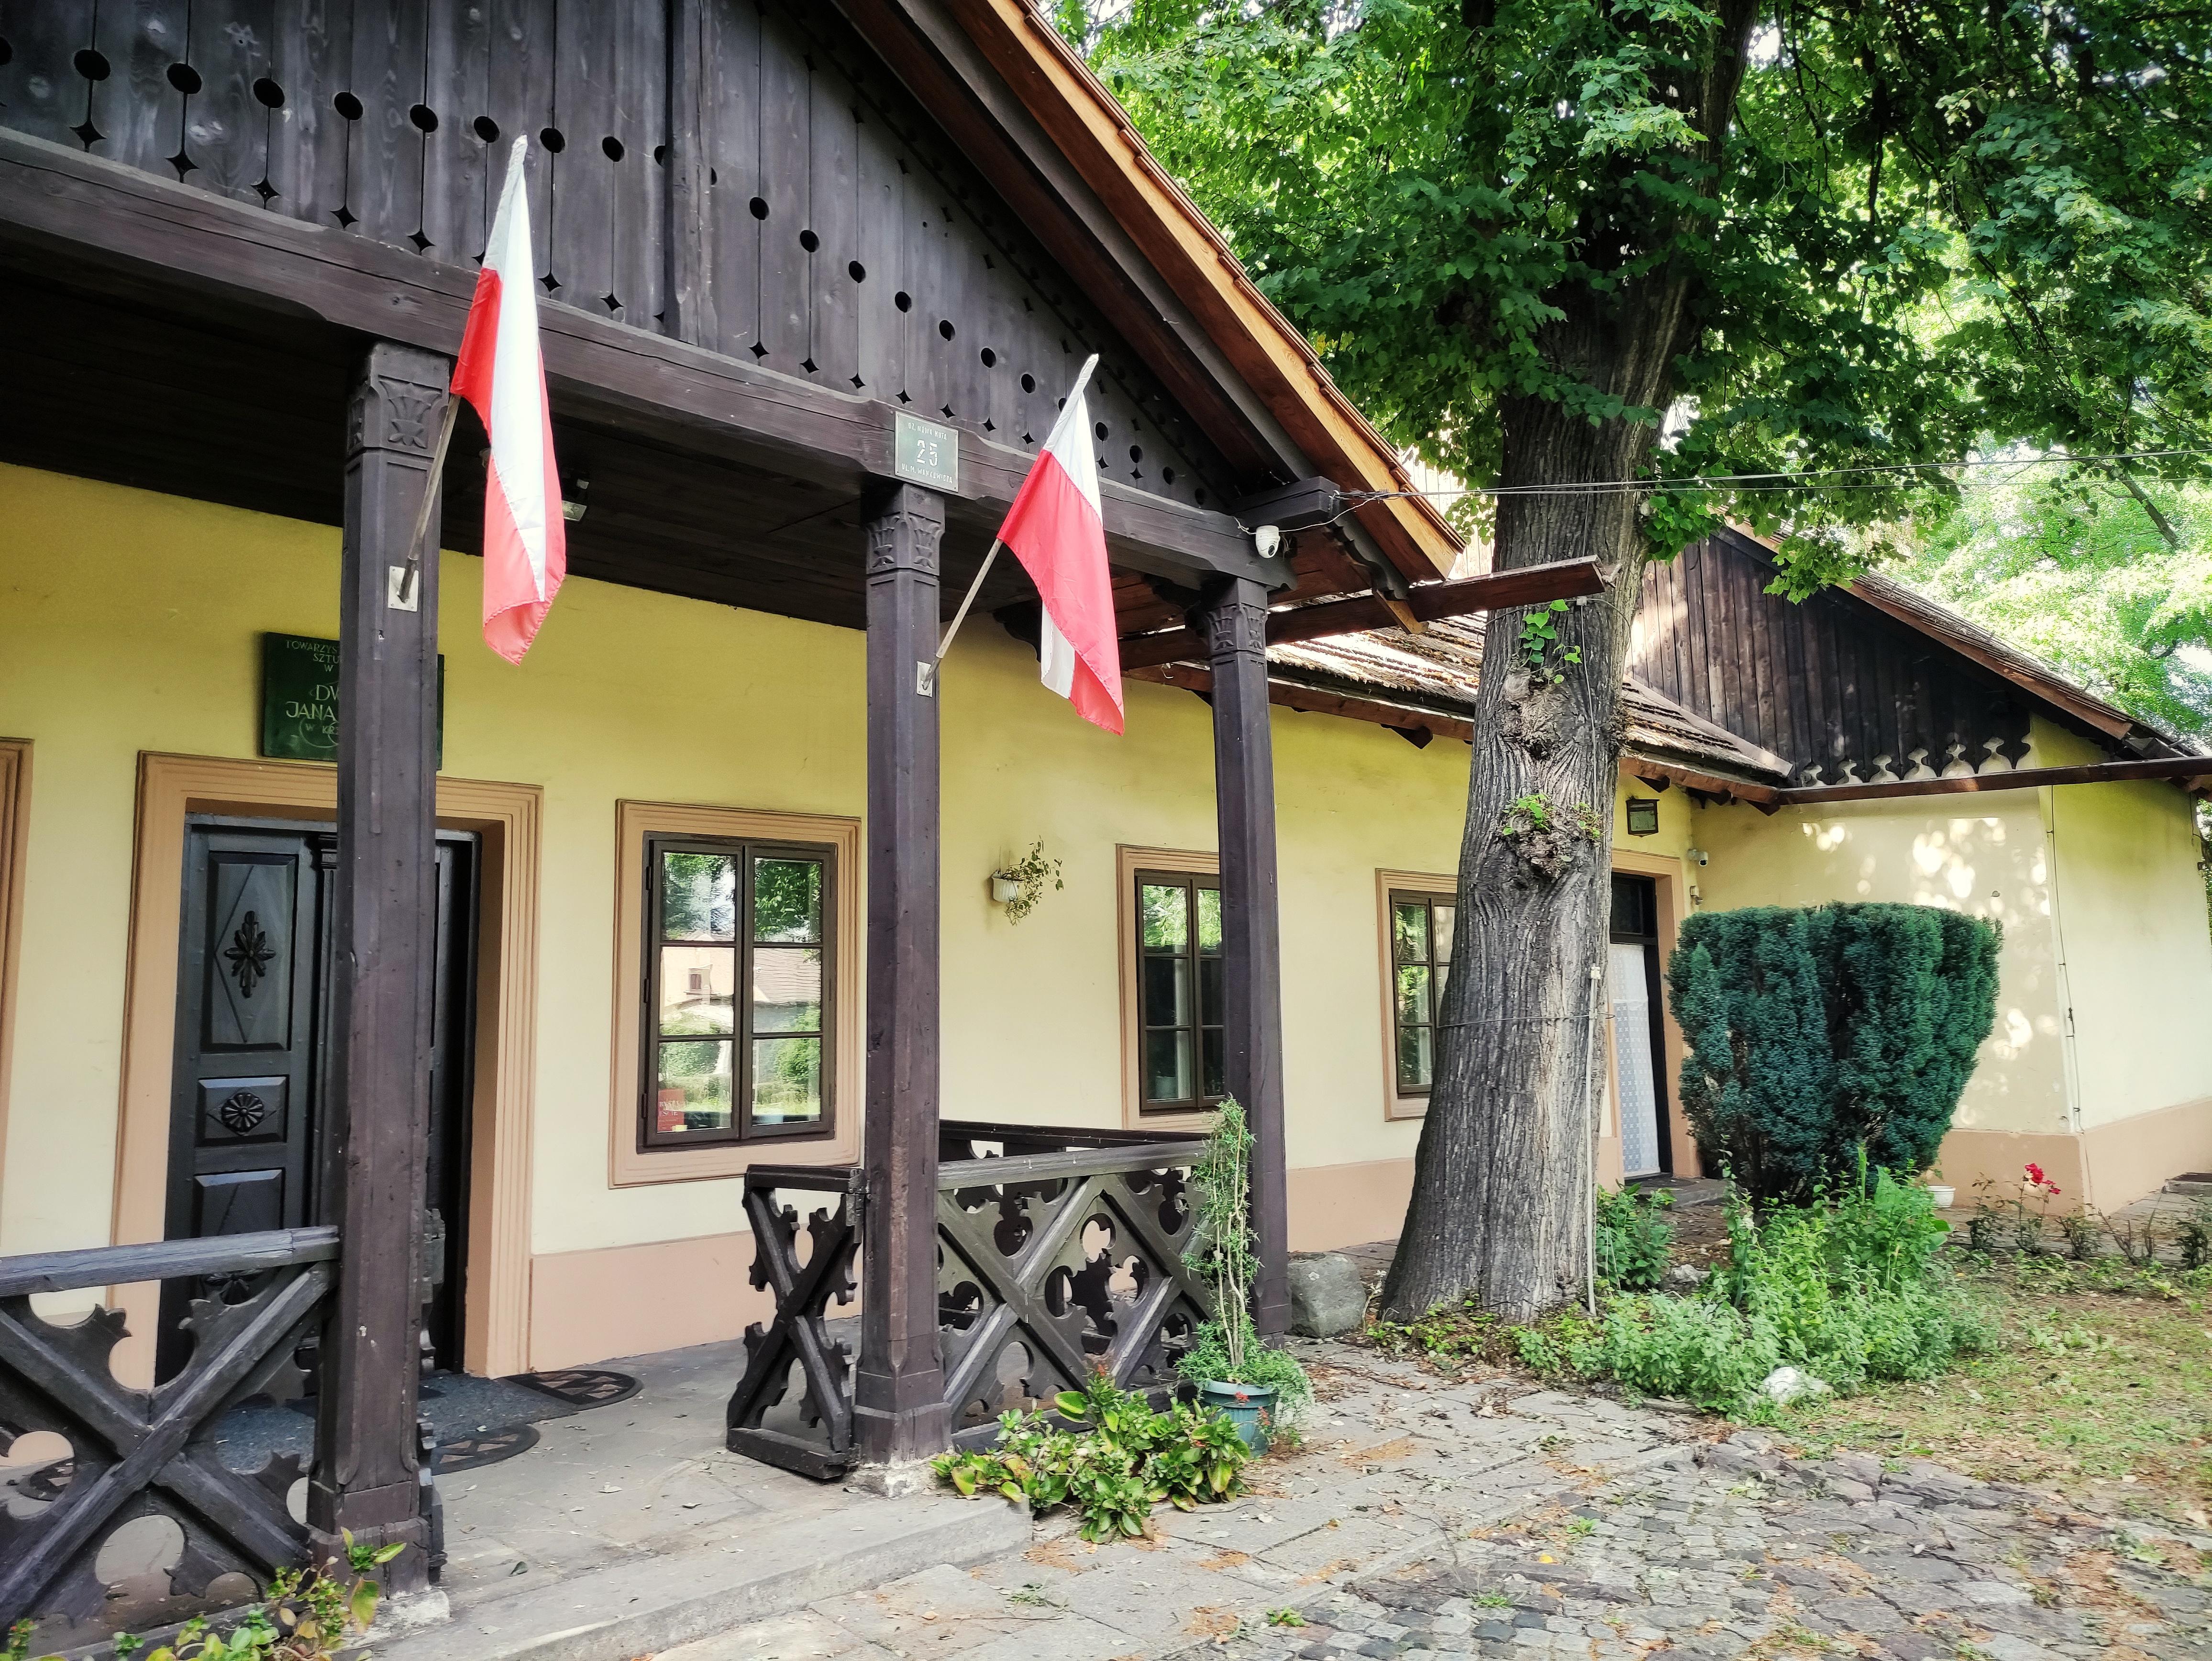 Ganek dworku w Krzesławicach, źródło: archiwum autorki